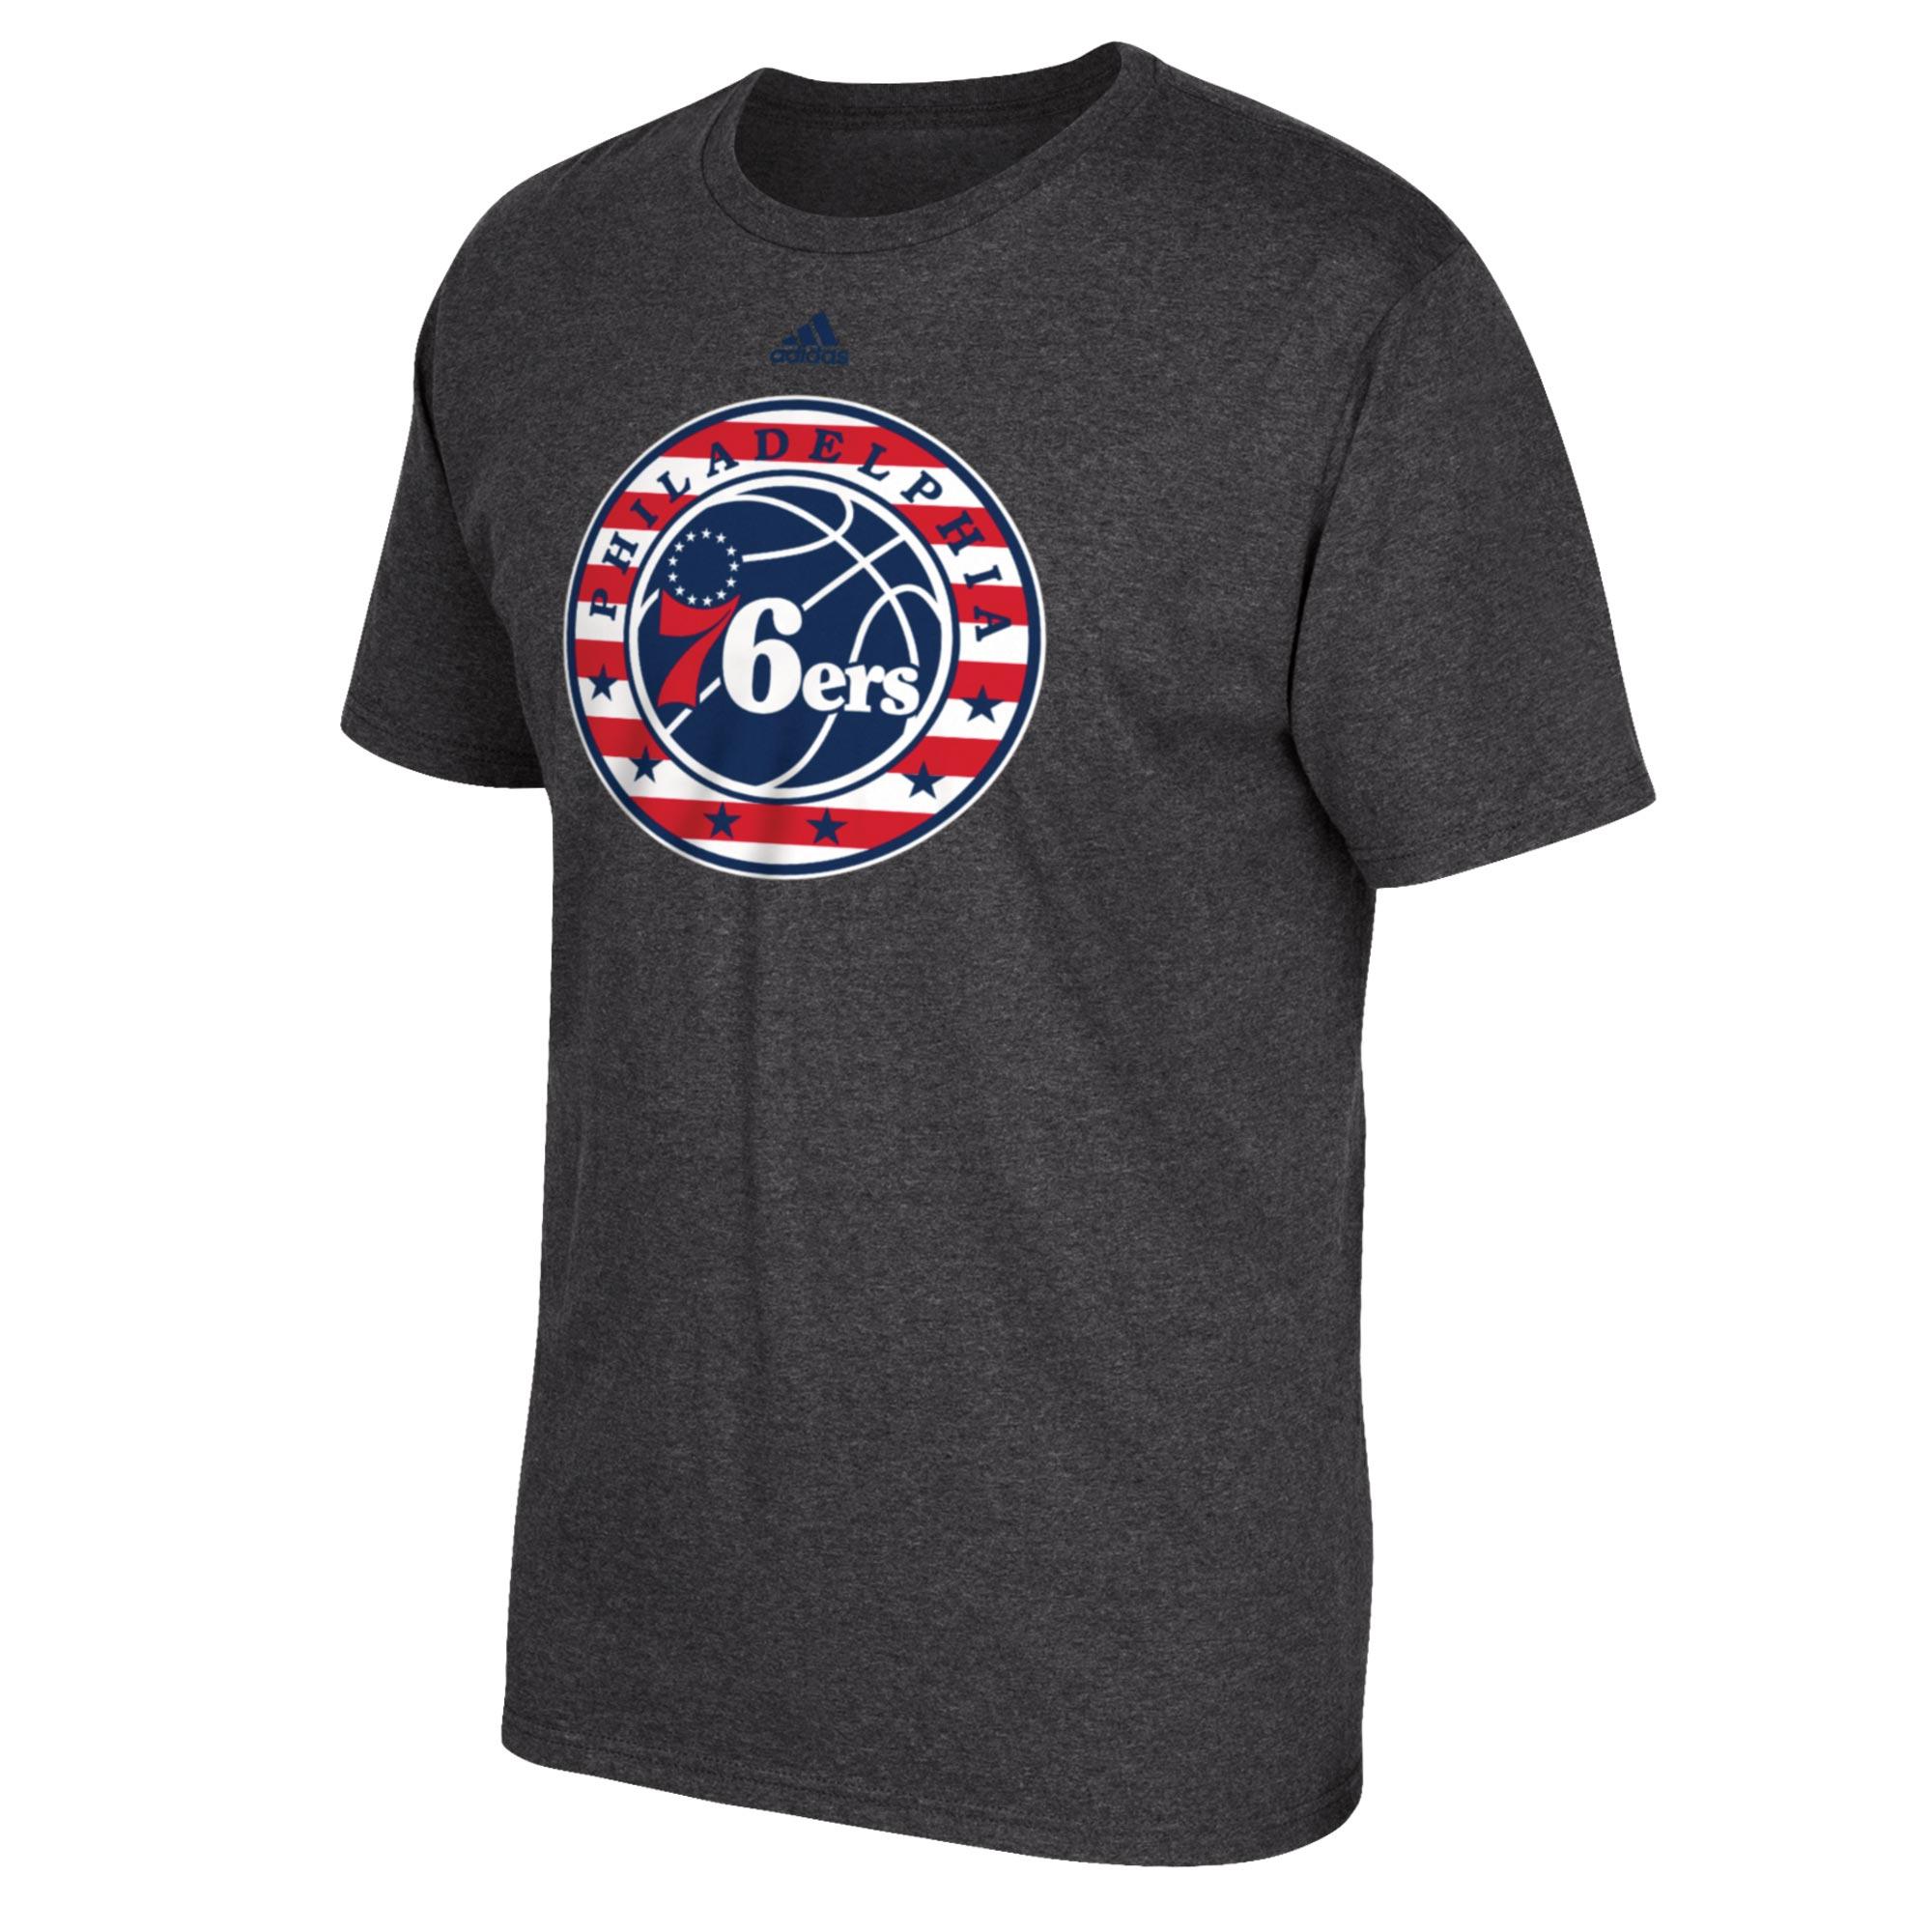 Philadelphia 76ers adidas Stars & Stripes T-Shirt - Mens